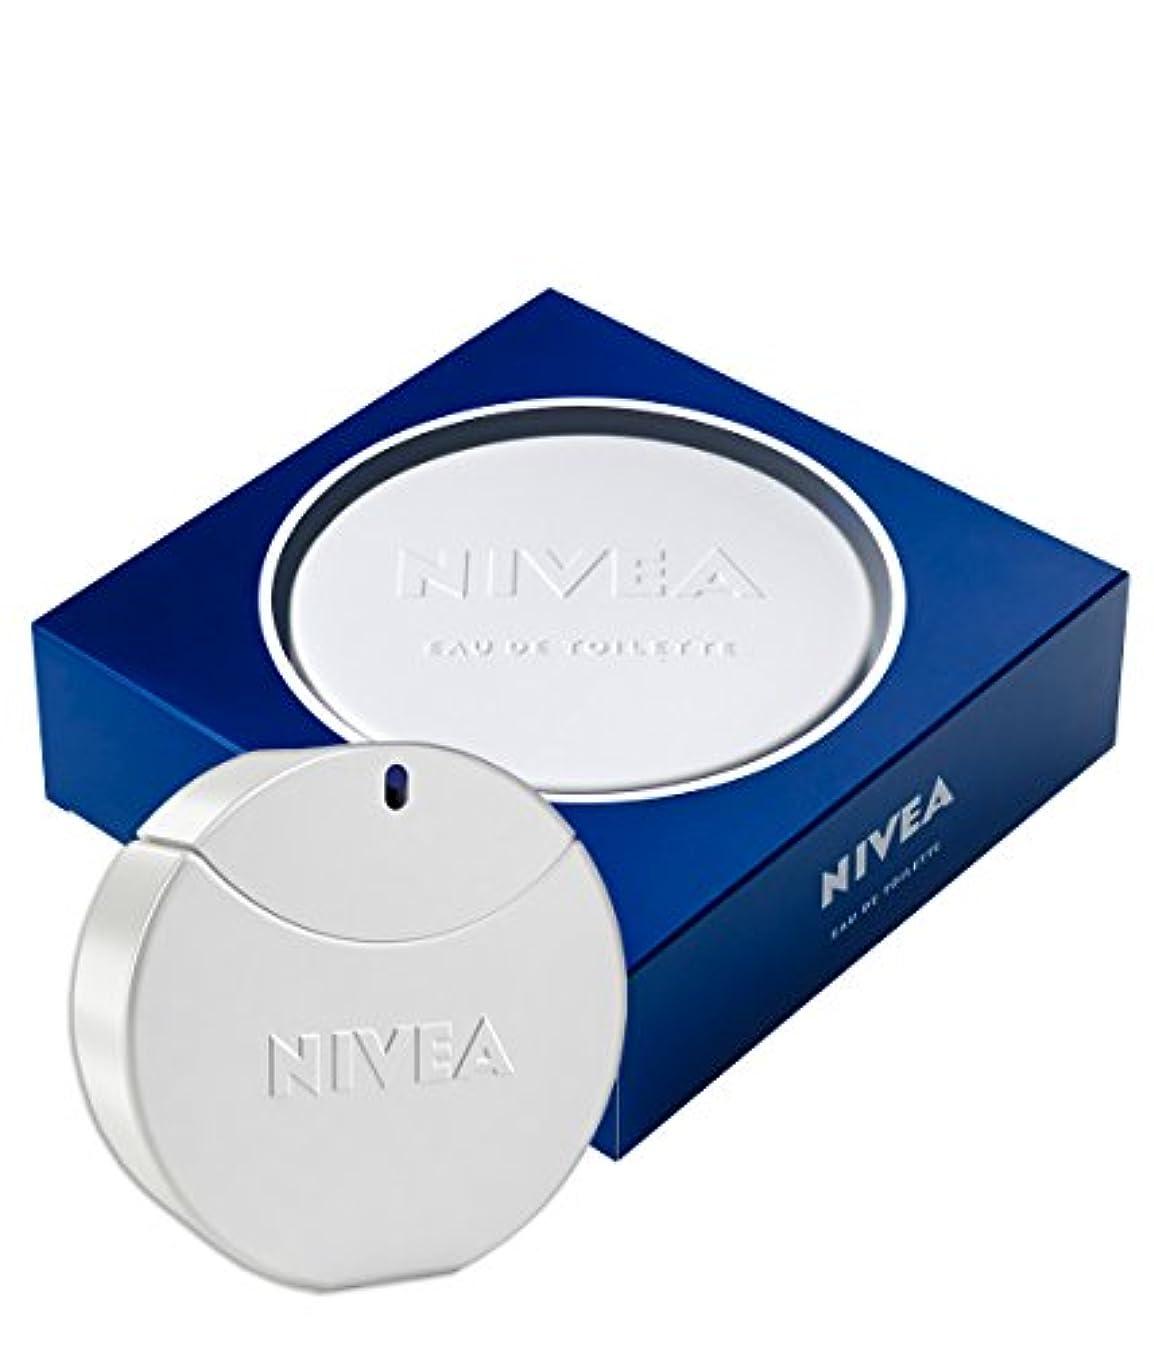 パラシュート受け入れる恐怖NIVEA ニベア オードトワレ 香水 NIVEA EAU DE TOILETTE 30ml